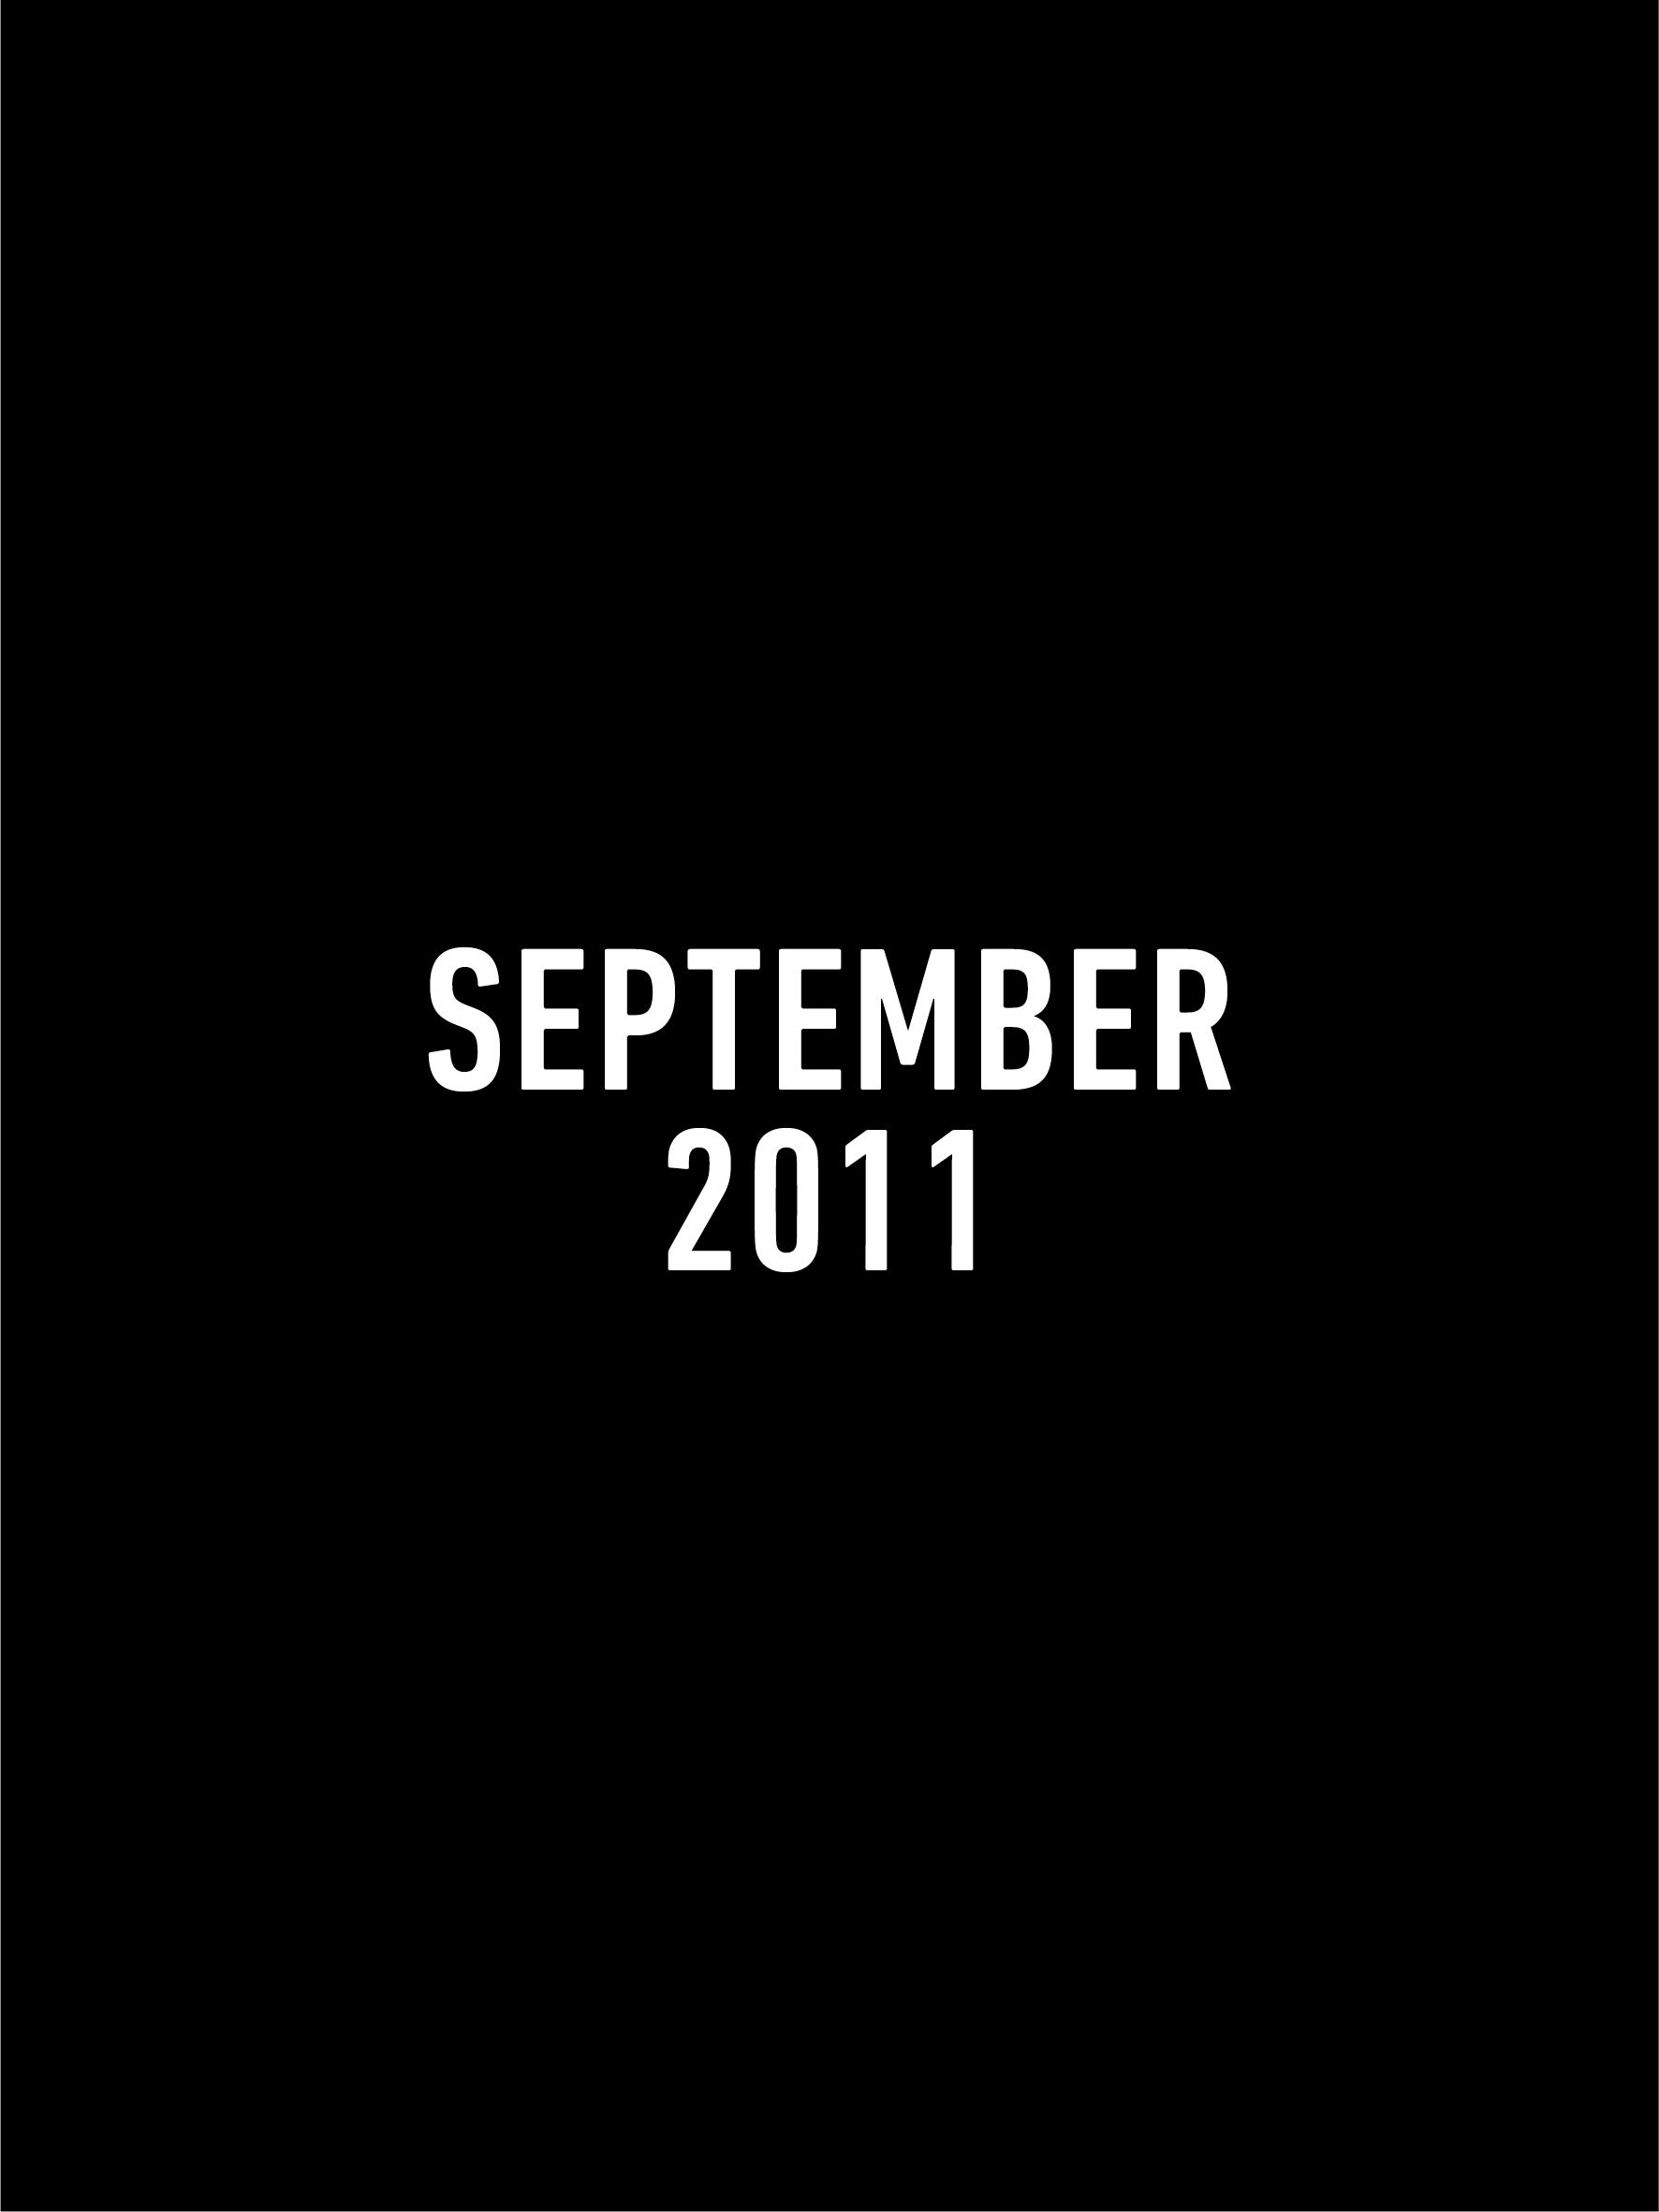 2011 months9.jpg